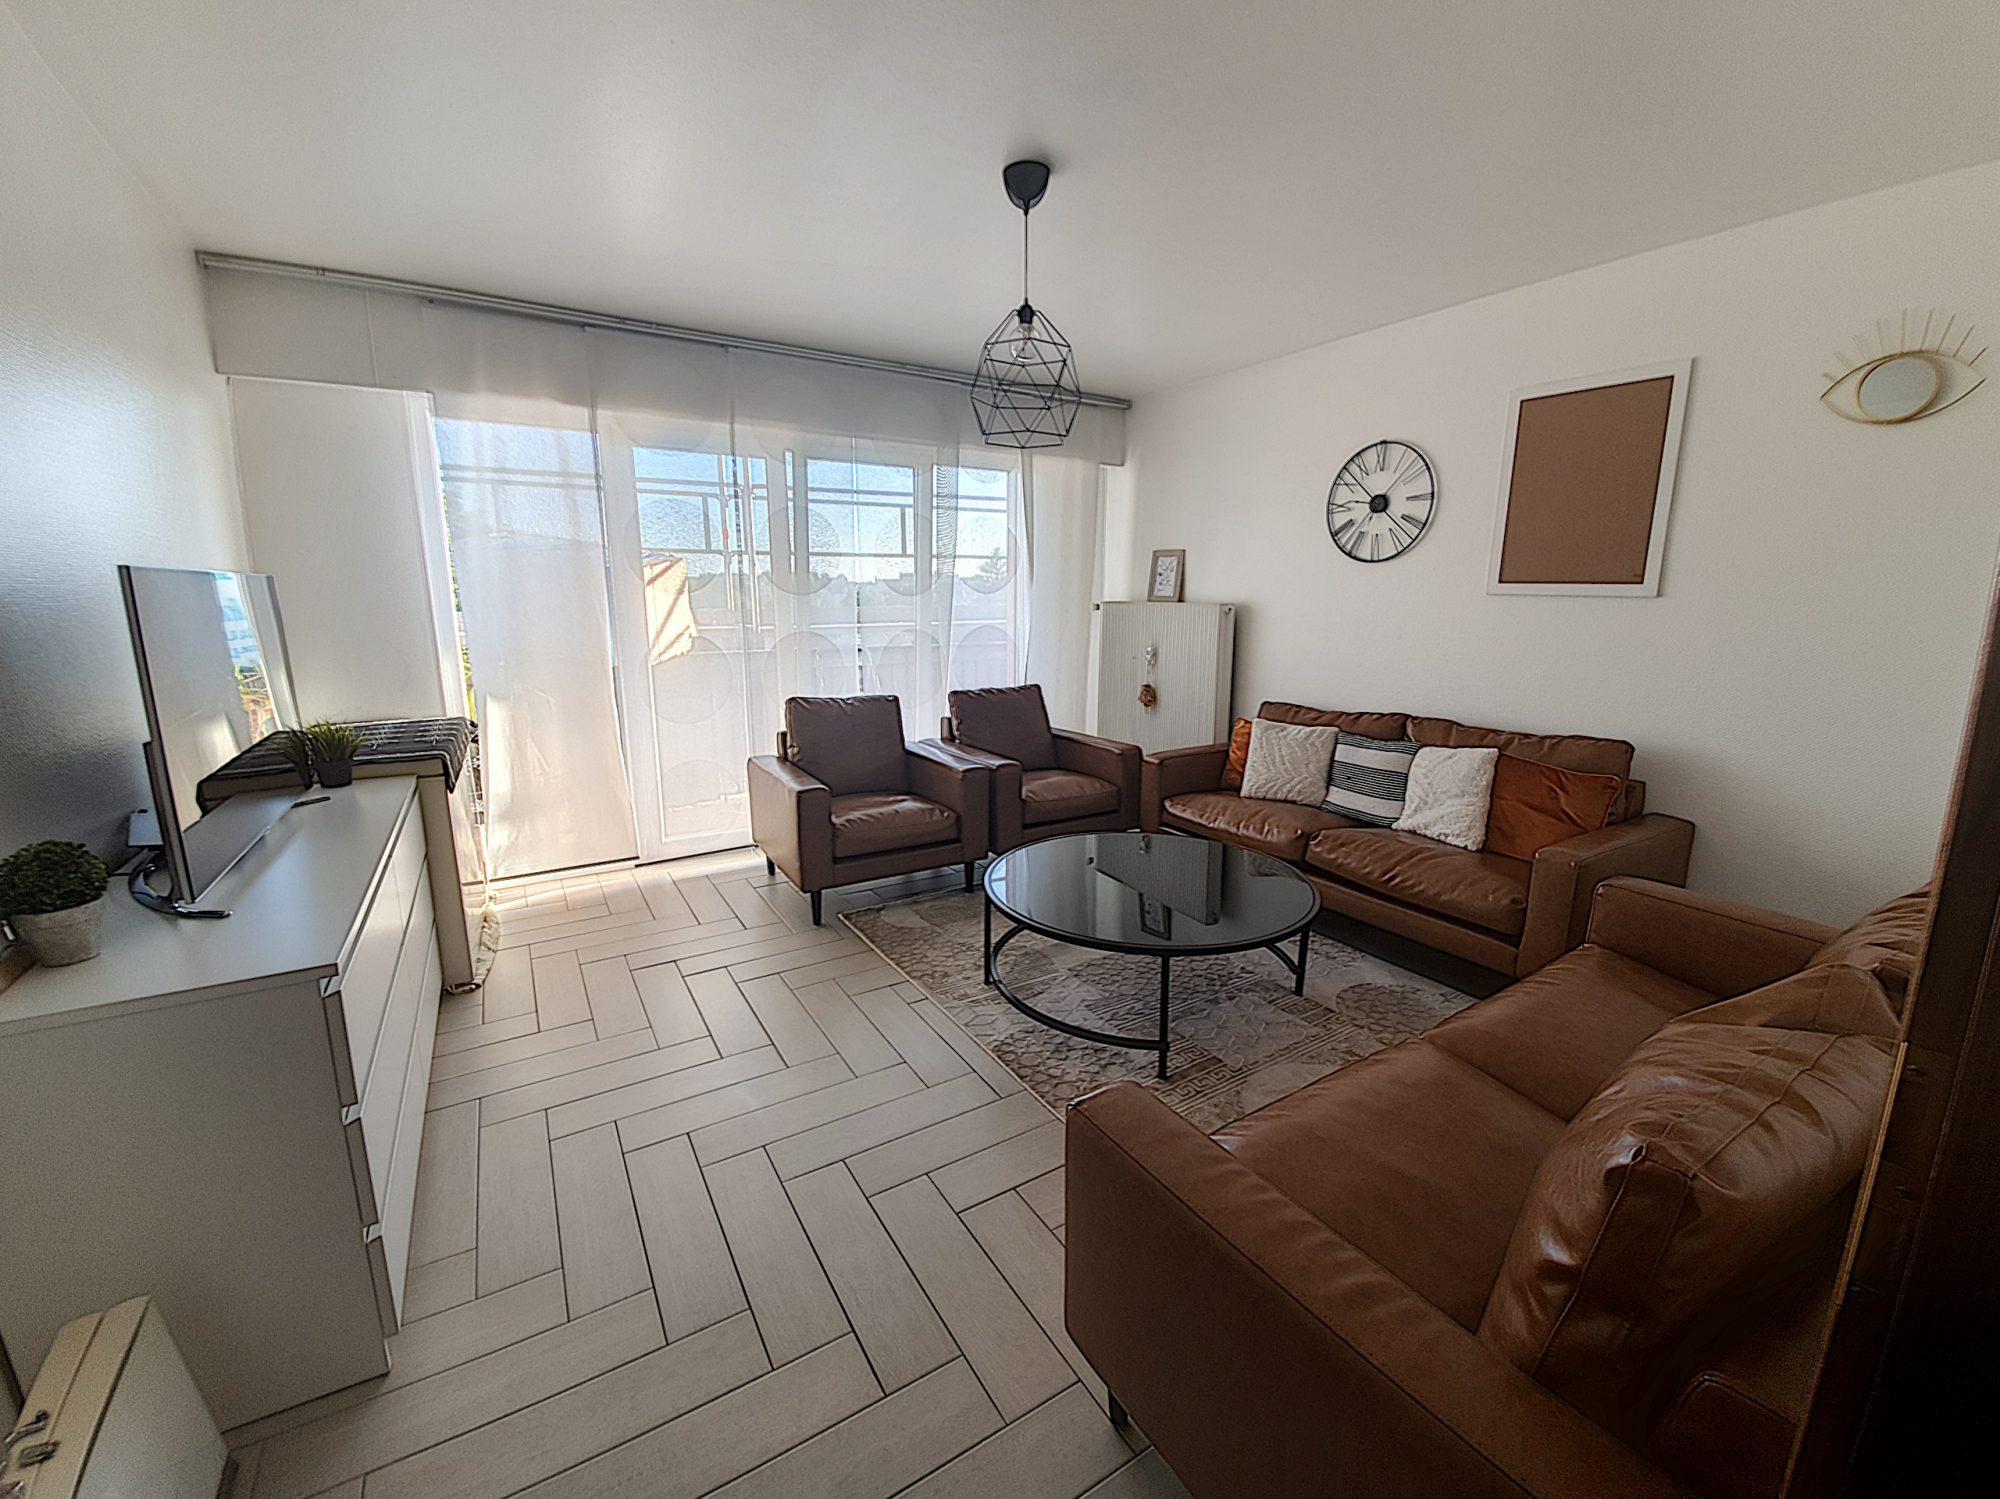 KOENIGHSOFFEN Appartement 3 pièces avec terrasse et cave